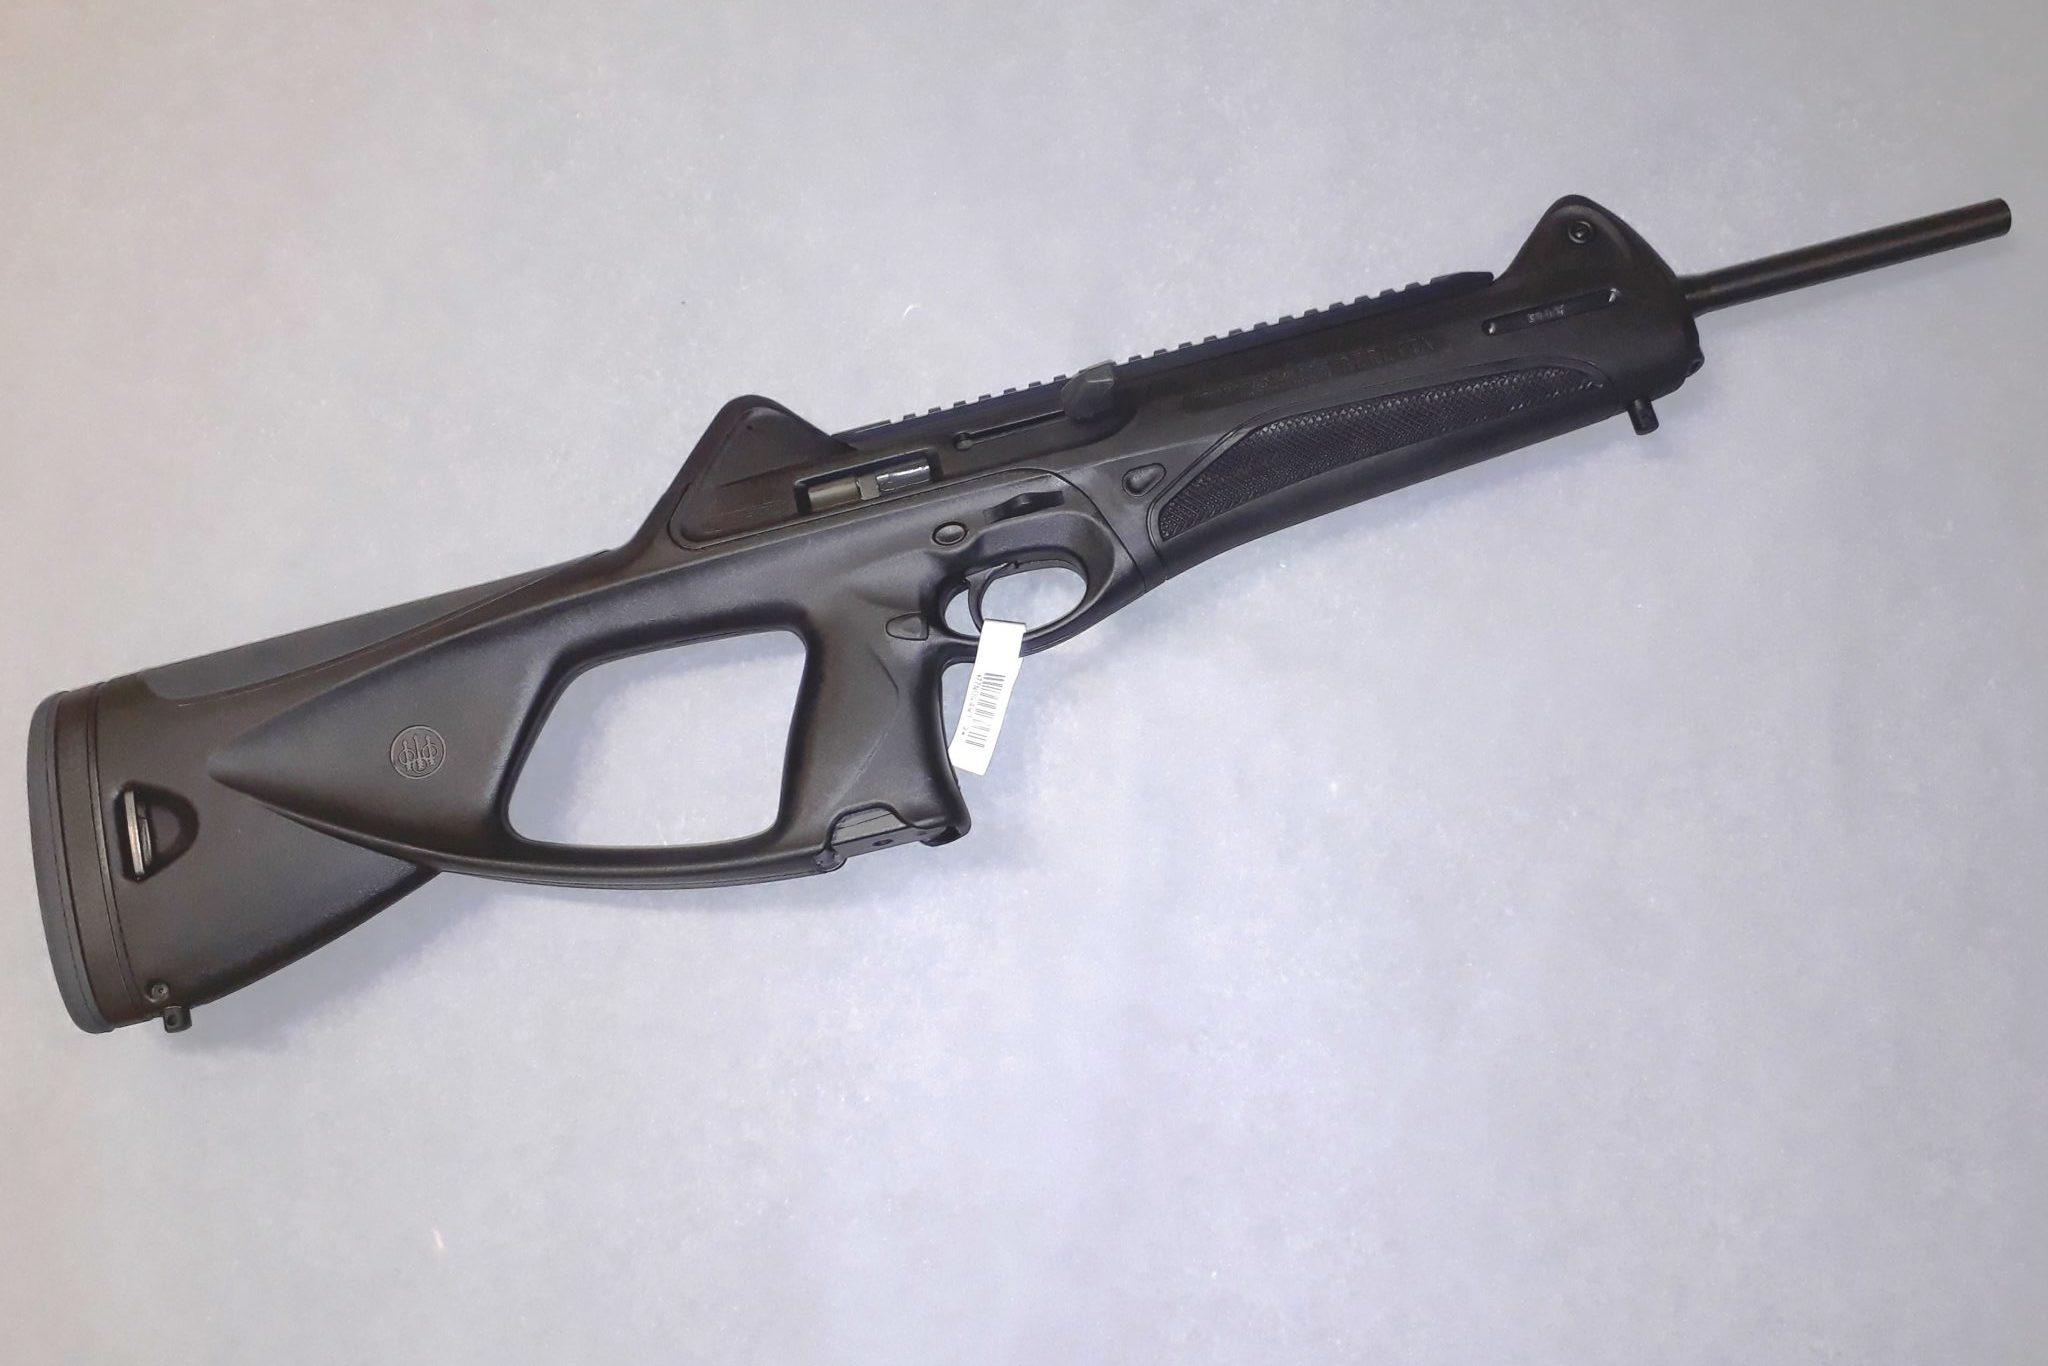 Beretta CX4 Storm Image